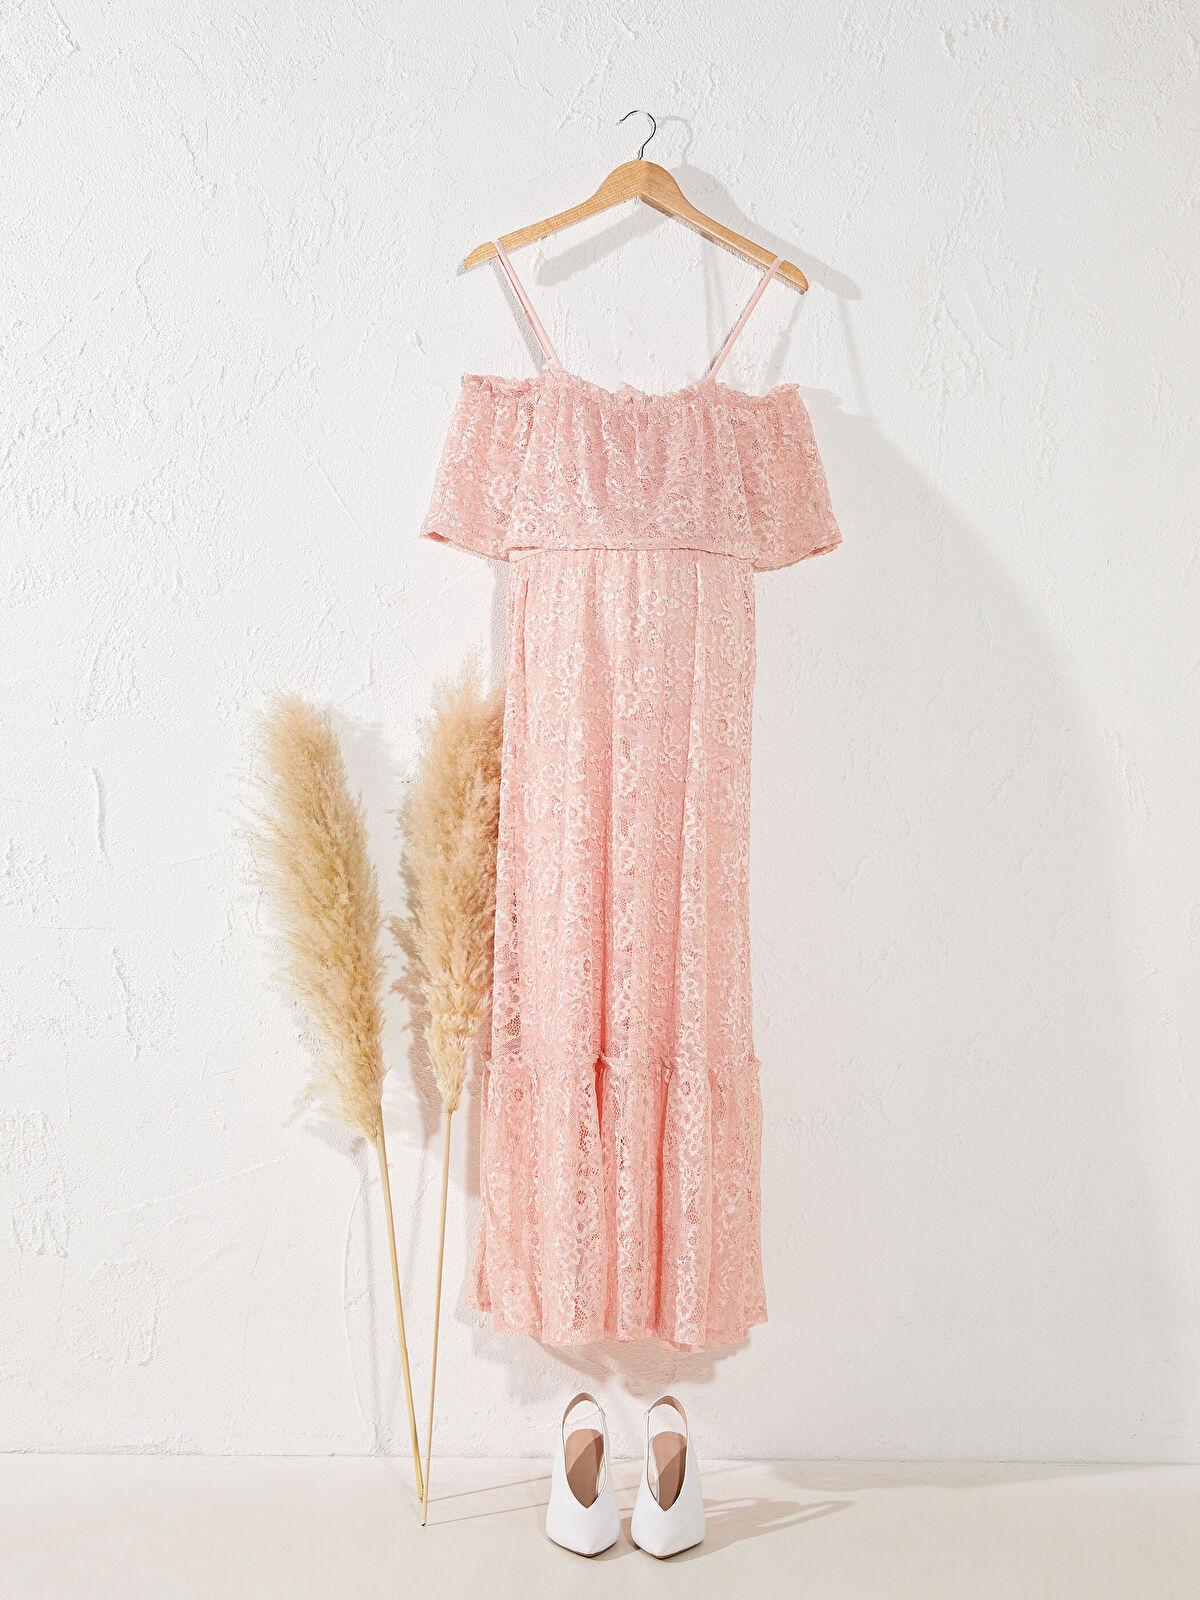 Dantel Detaylı Askılı Hamile Elbise - LC WAIKIKI